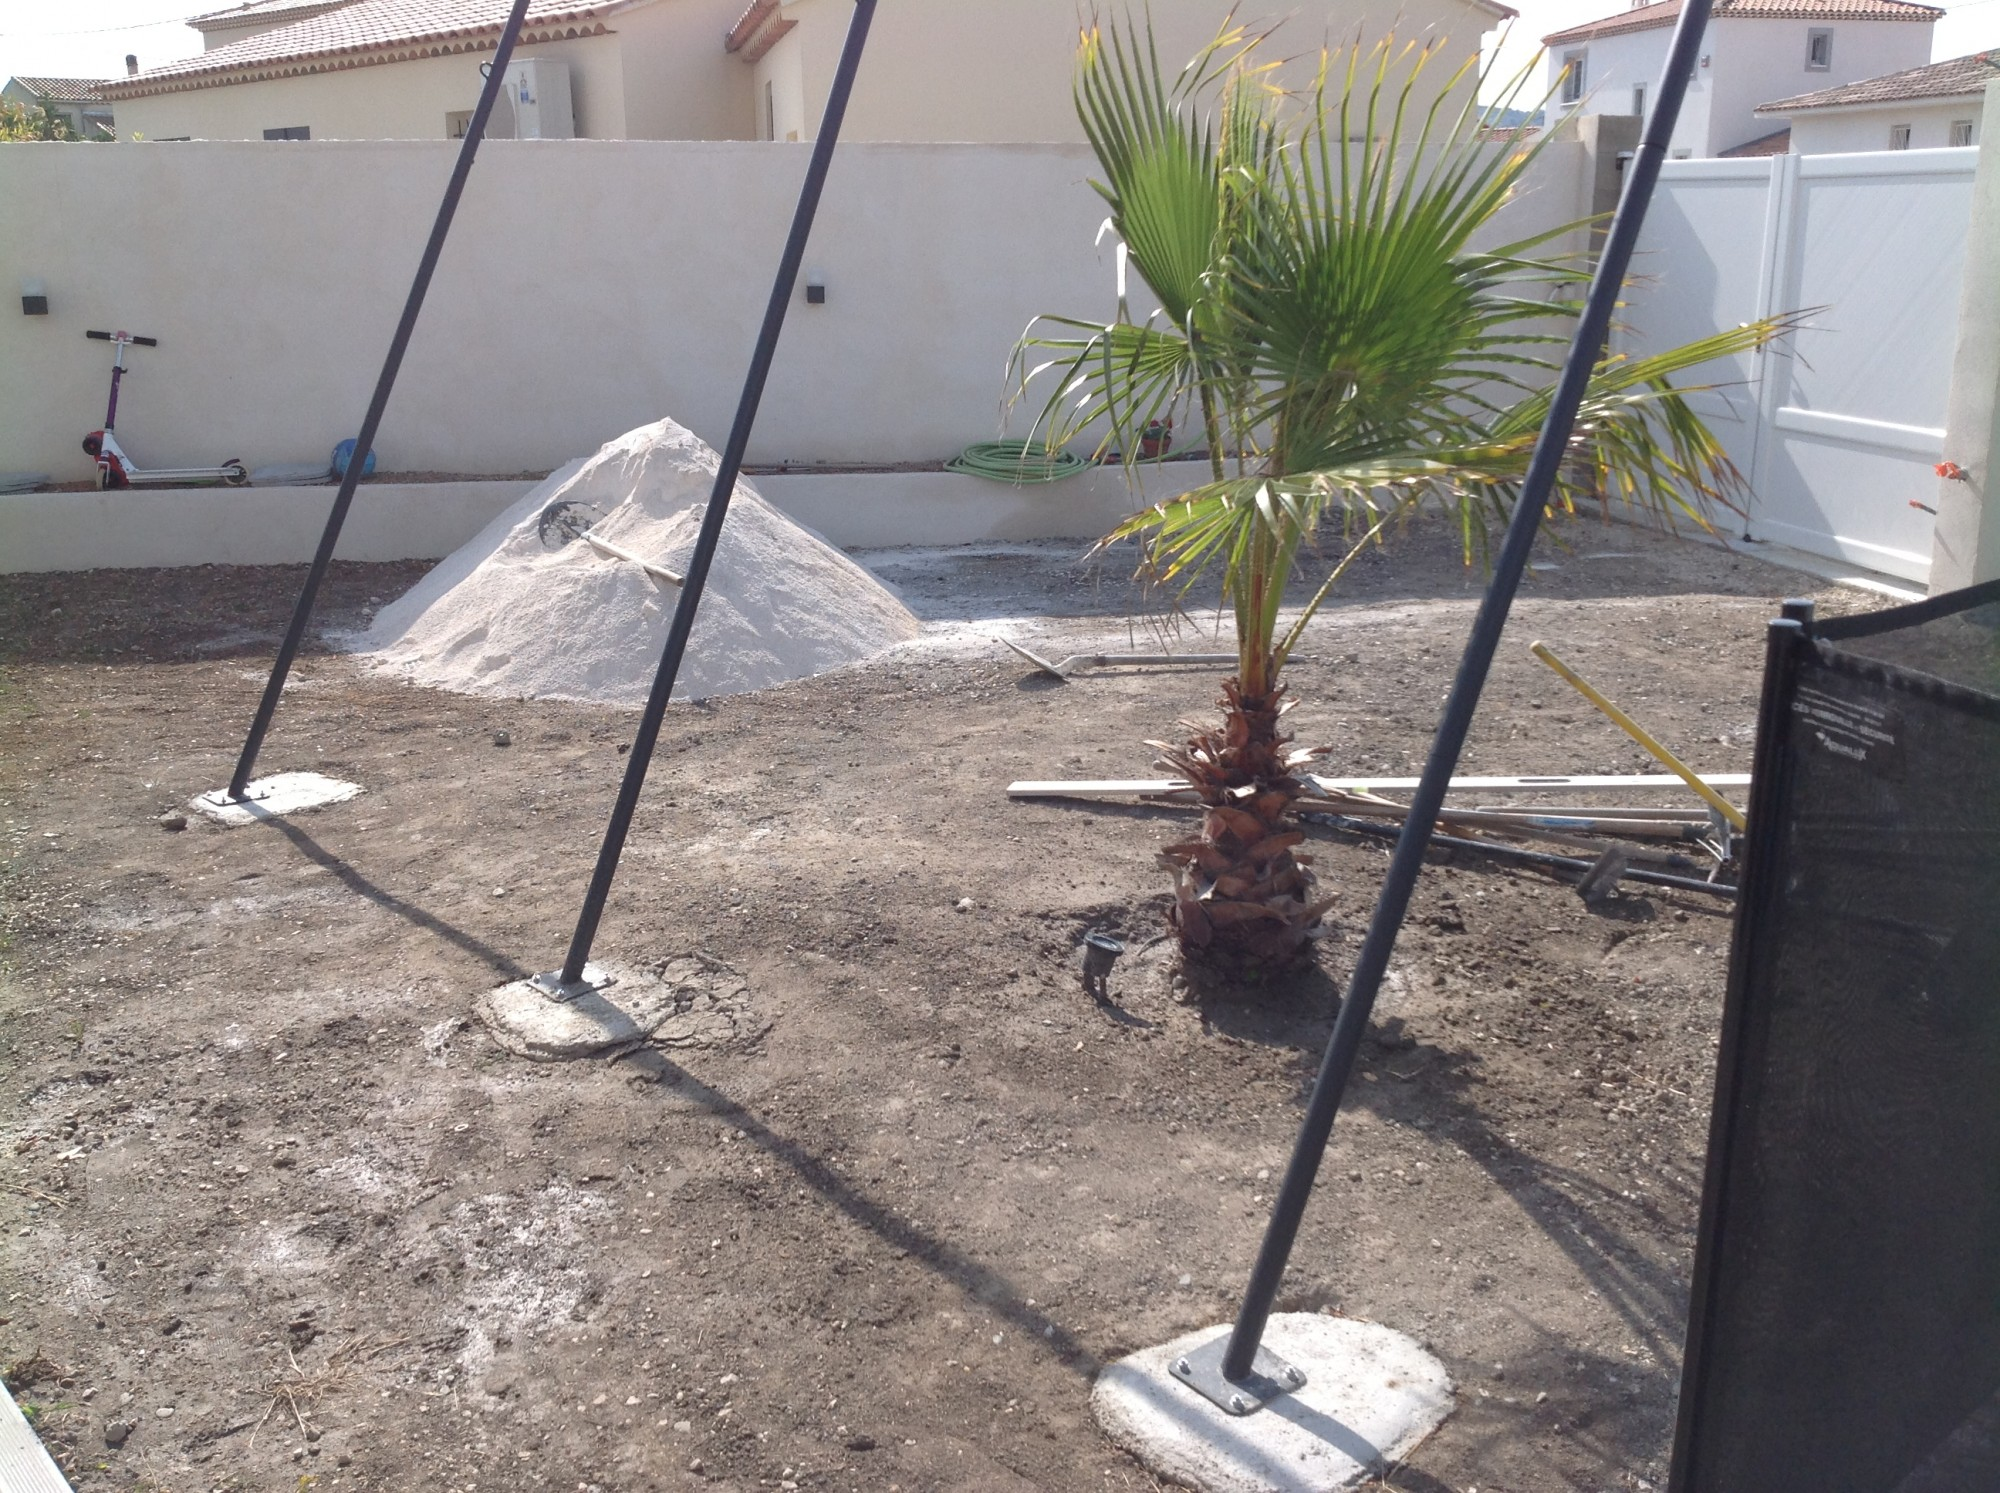 Mise en place du sable stabilisé avant la pose d'un gazon artificiel à Montpellier